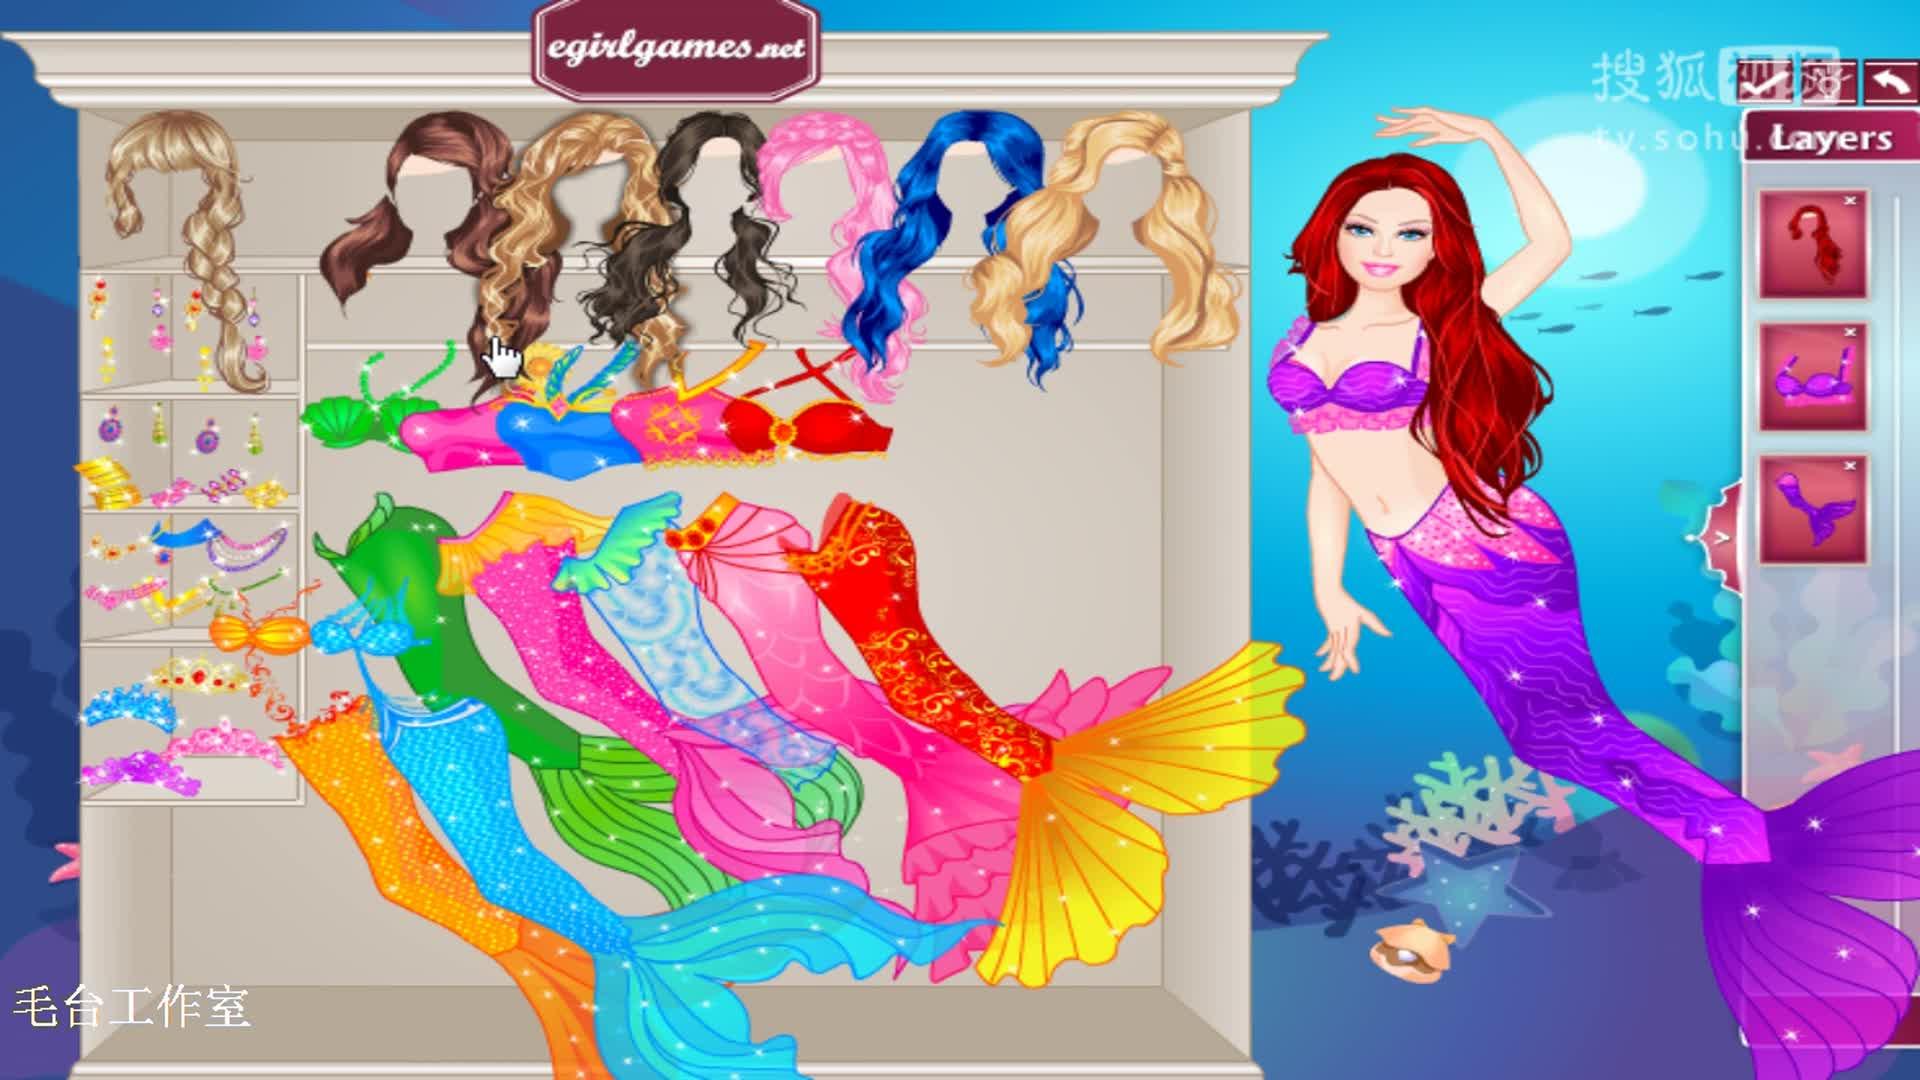 芭比彩虹仙子之人鱼公主芭比之珍珠公主- 芭比娃娃游戏系类专题-毛.图片